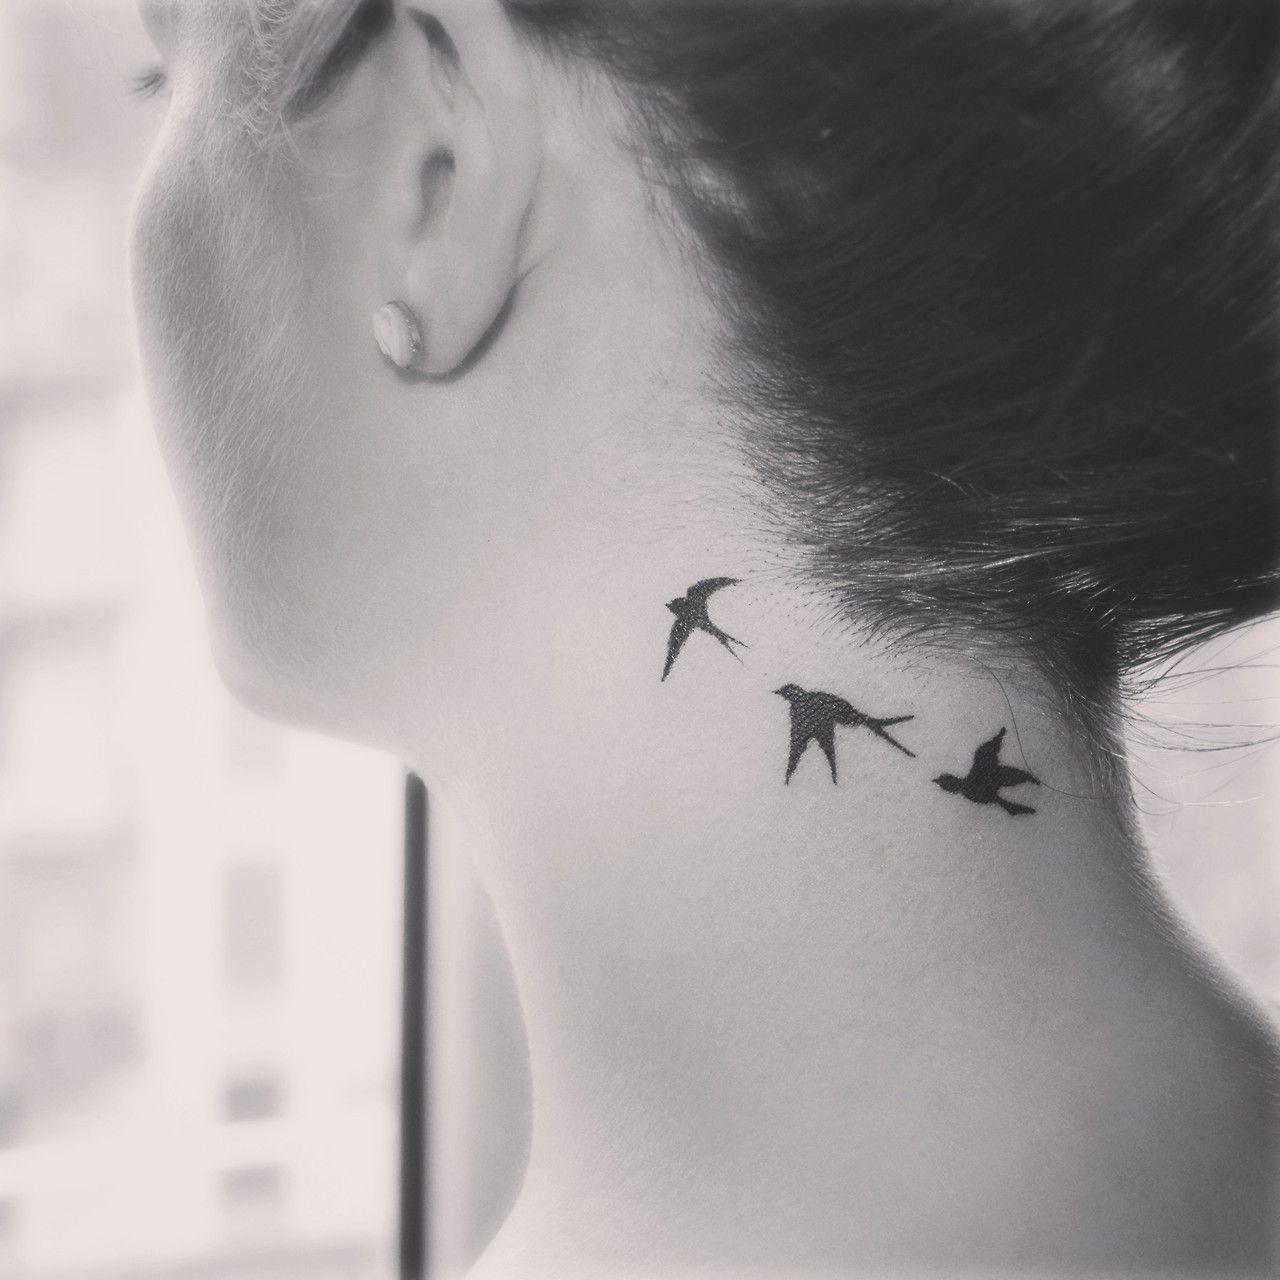 Tatouage Oreille Femme intérieur tatouage de femme : tatouage envolée d'oiseaux noir et gris sur